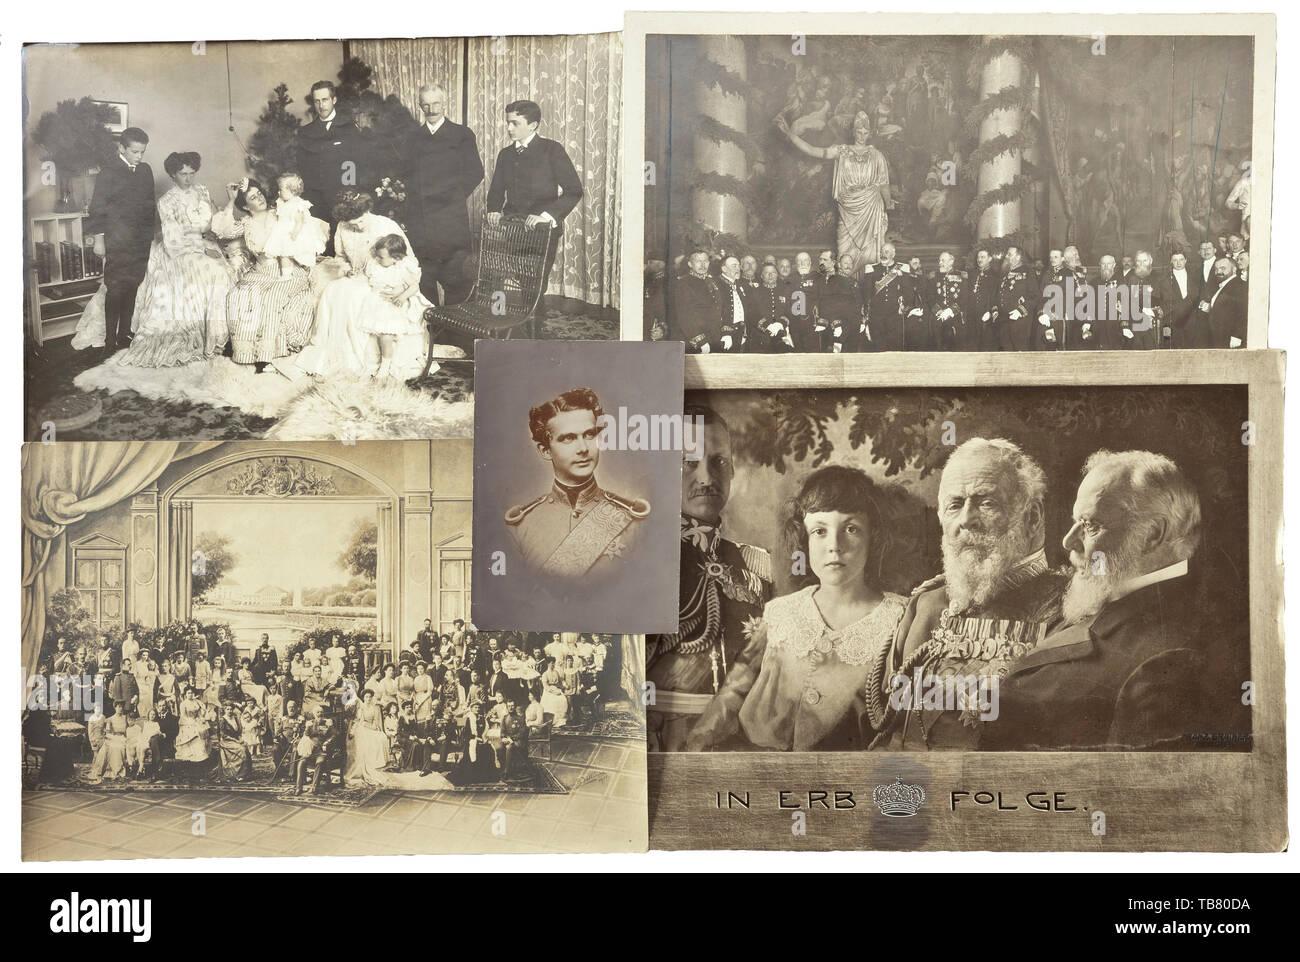 Haus der Wittelsbacher - eigenes Portrait Bilder von Familienmitgliedern, ca. 1880 - 1930, ein umfangreiches privates Archiv von Ca. 160 Bilder von einem Mitglied des bayerischen Königshauses. Eine Vielzahl von Erinnerungsfotos und portraitstudien von fast jedem Familienmitglied aus der albertinischen und Leopoldine Branchen sowie der herzoglichen Linien, zusammen mit einigen München architektonische Blick von der Elvira, Percy Hein und Franz Grainer Fotostudios. Familie Bilder gehören Prinzregent Luitpold (1821 - 1912) und sein Sohn König Ludwig III. (1845 - 1921), Kronprinz, Additional-Rights - Clearance-Info - Not-Available Stockbild